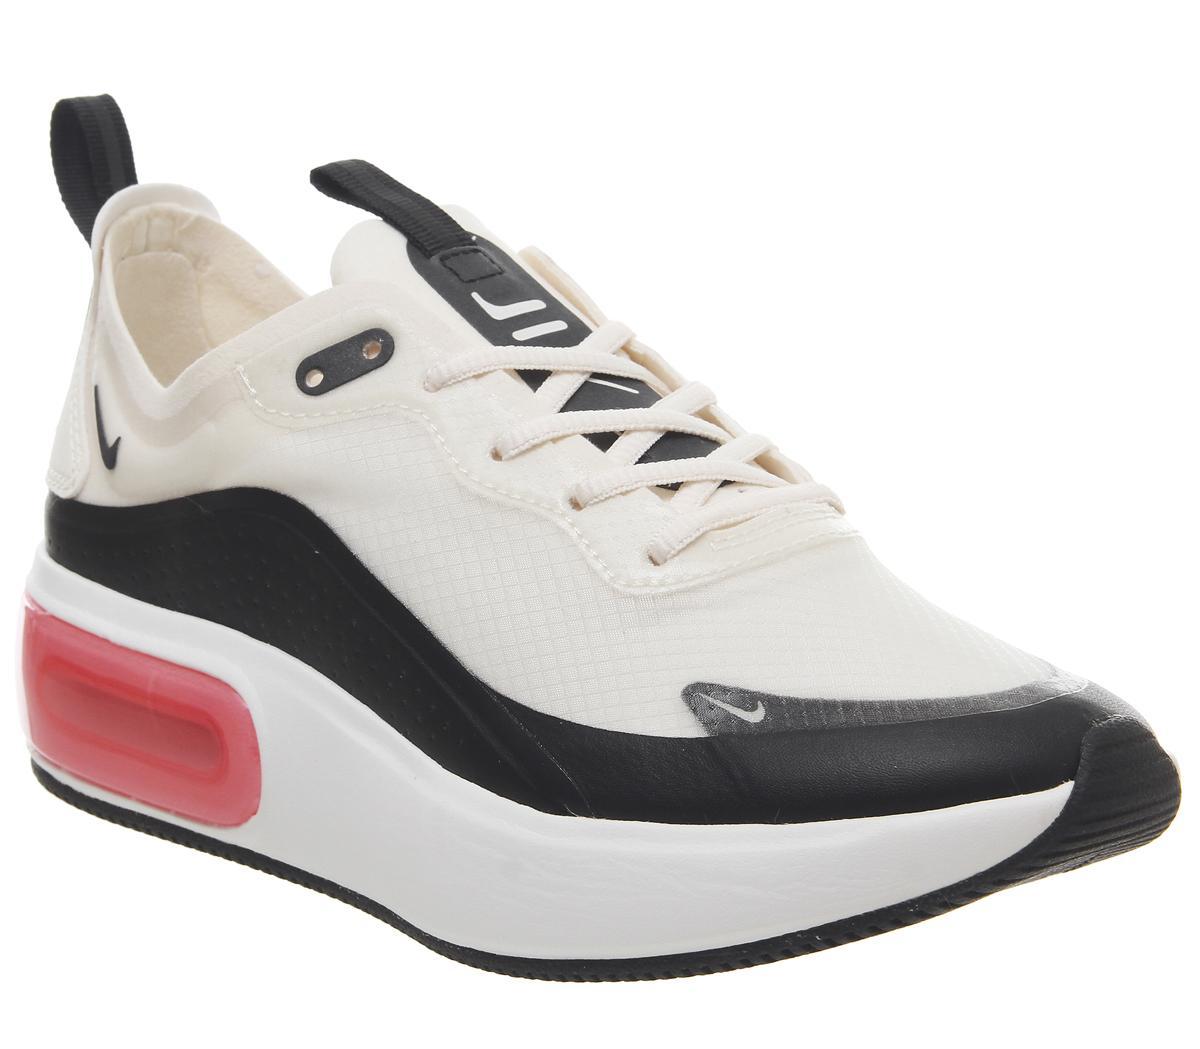 lindo baratas brillante en brillo vendido en todo el mundo Nike Air Max Dia Trainers Pale Ivory Summit White Bright Crimson ...